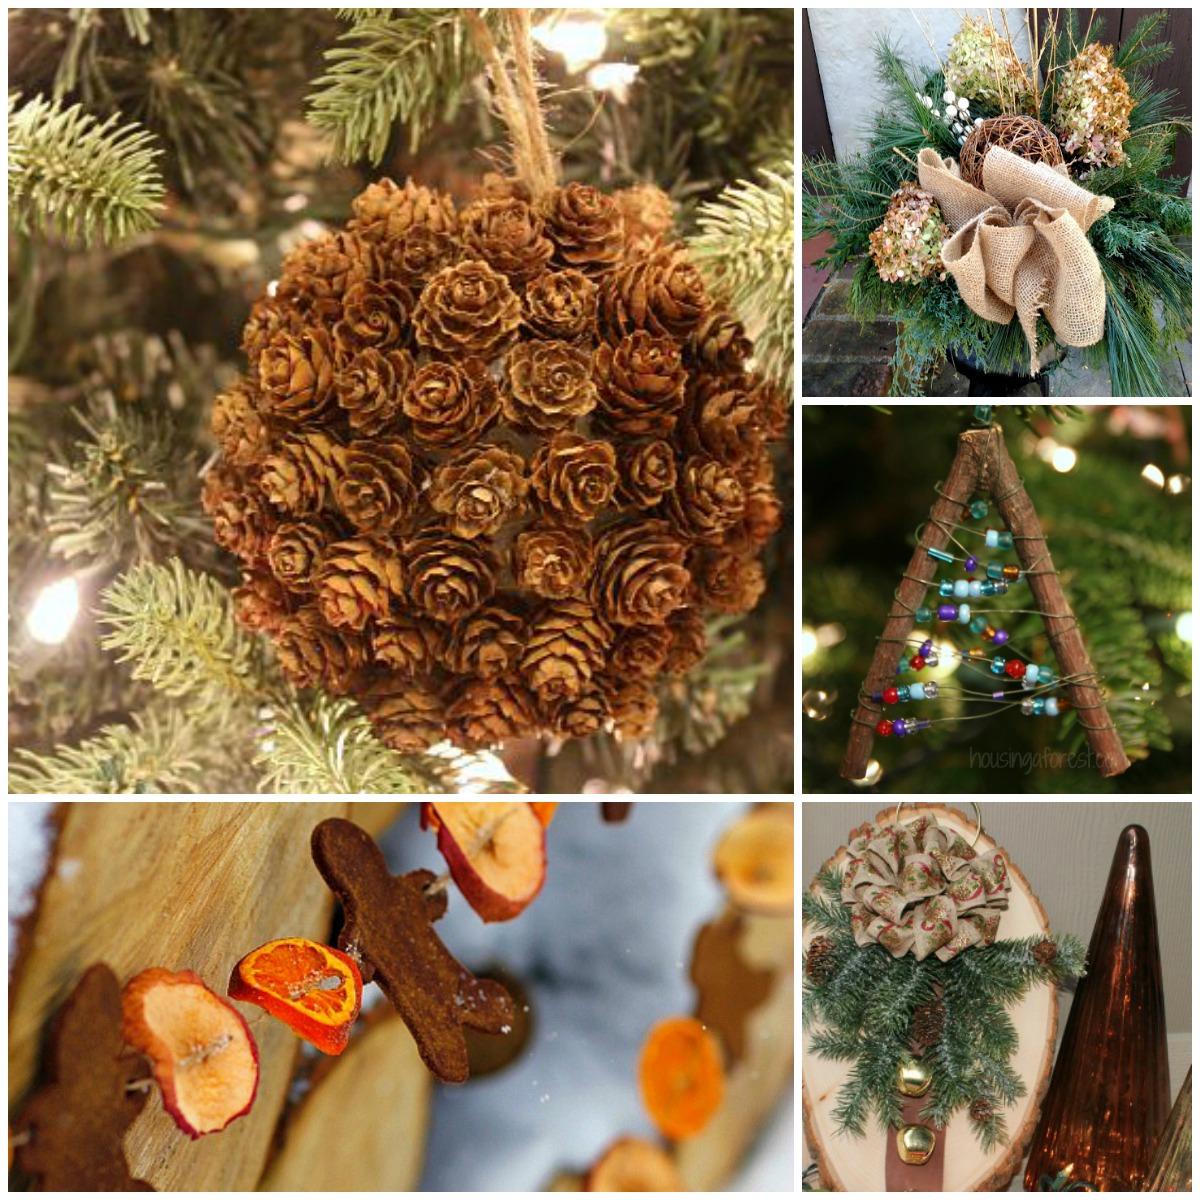 Natural Christmas Decor Ideas (aka Free Christmas